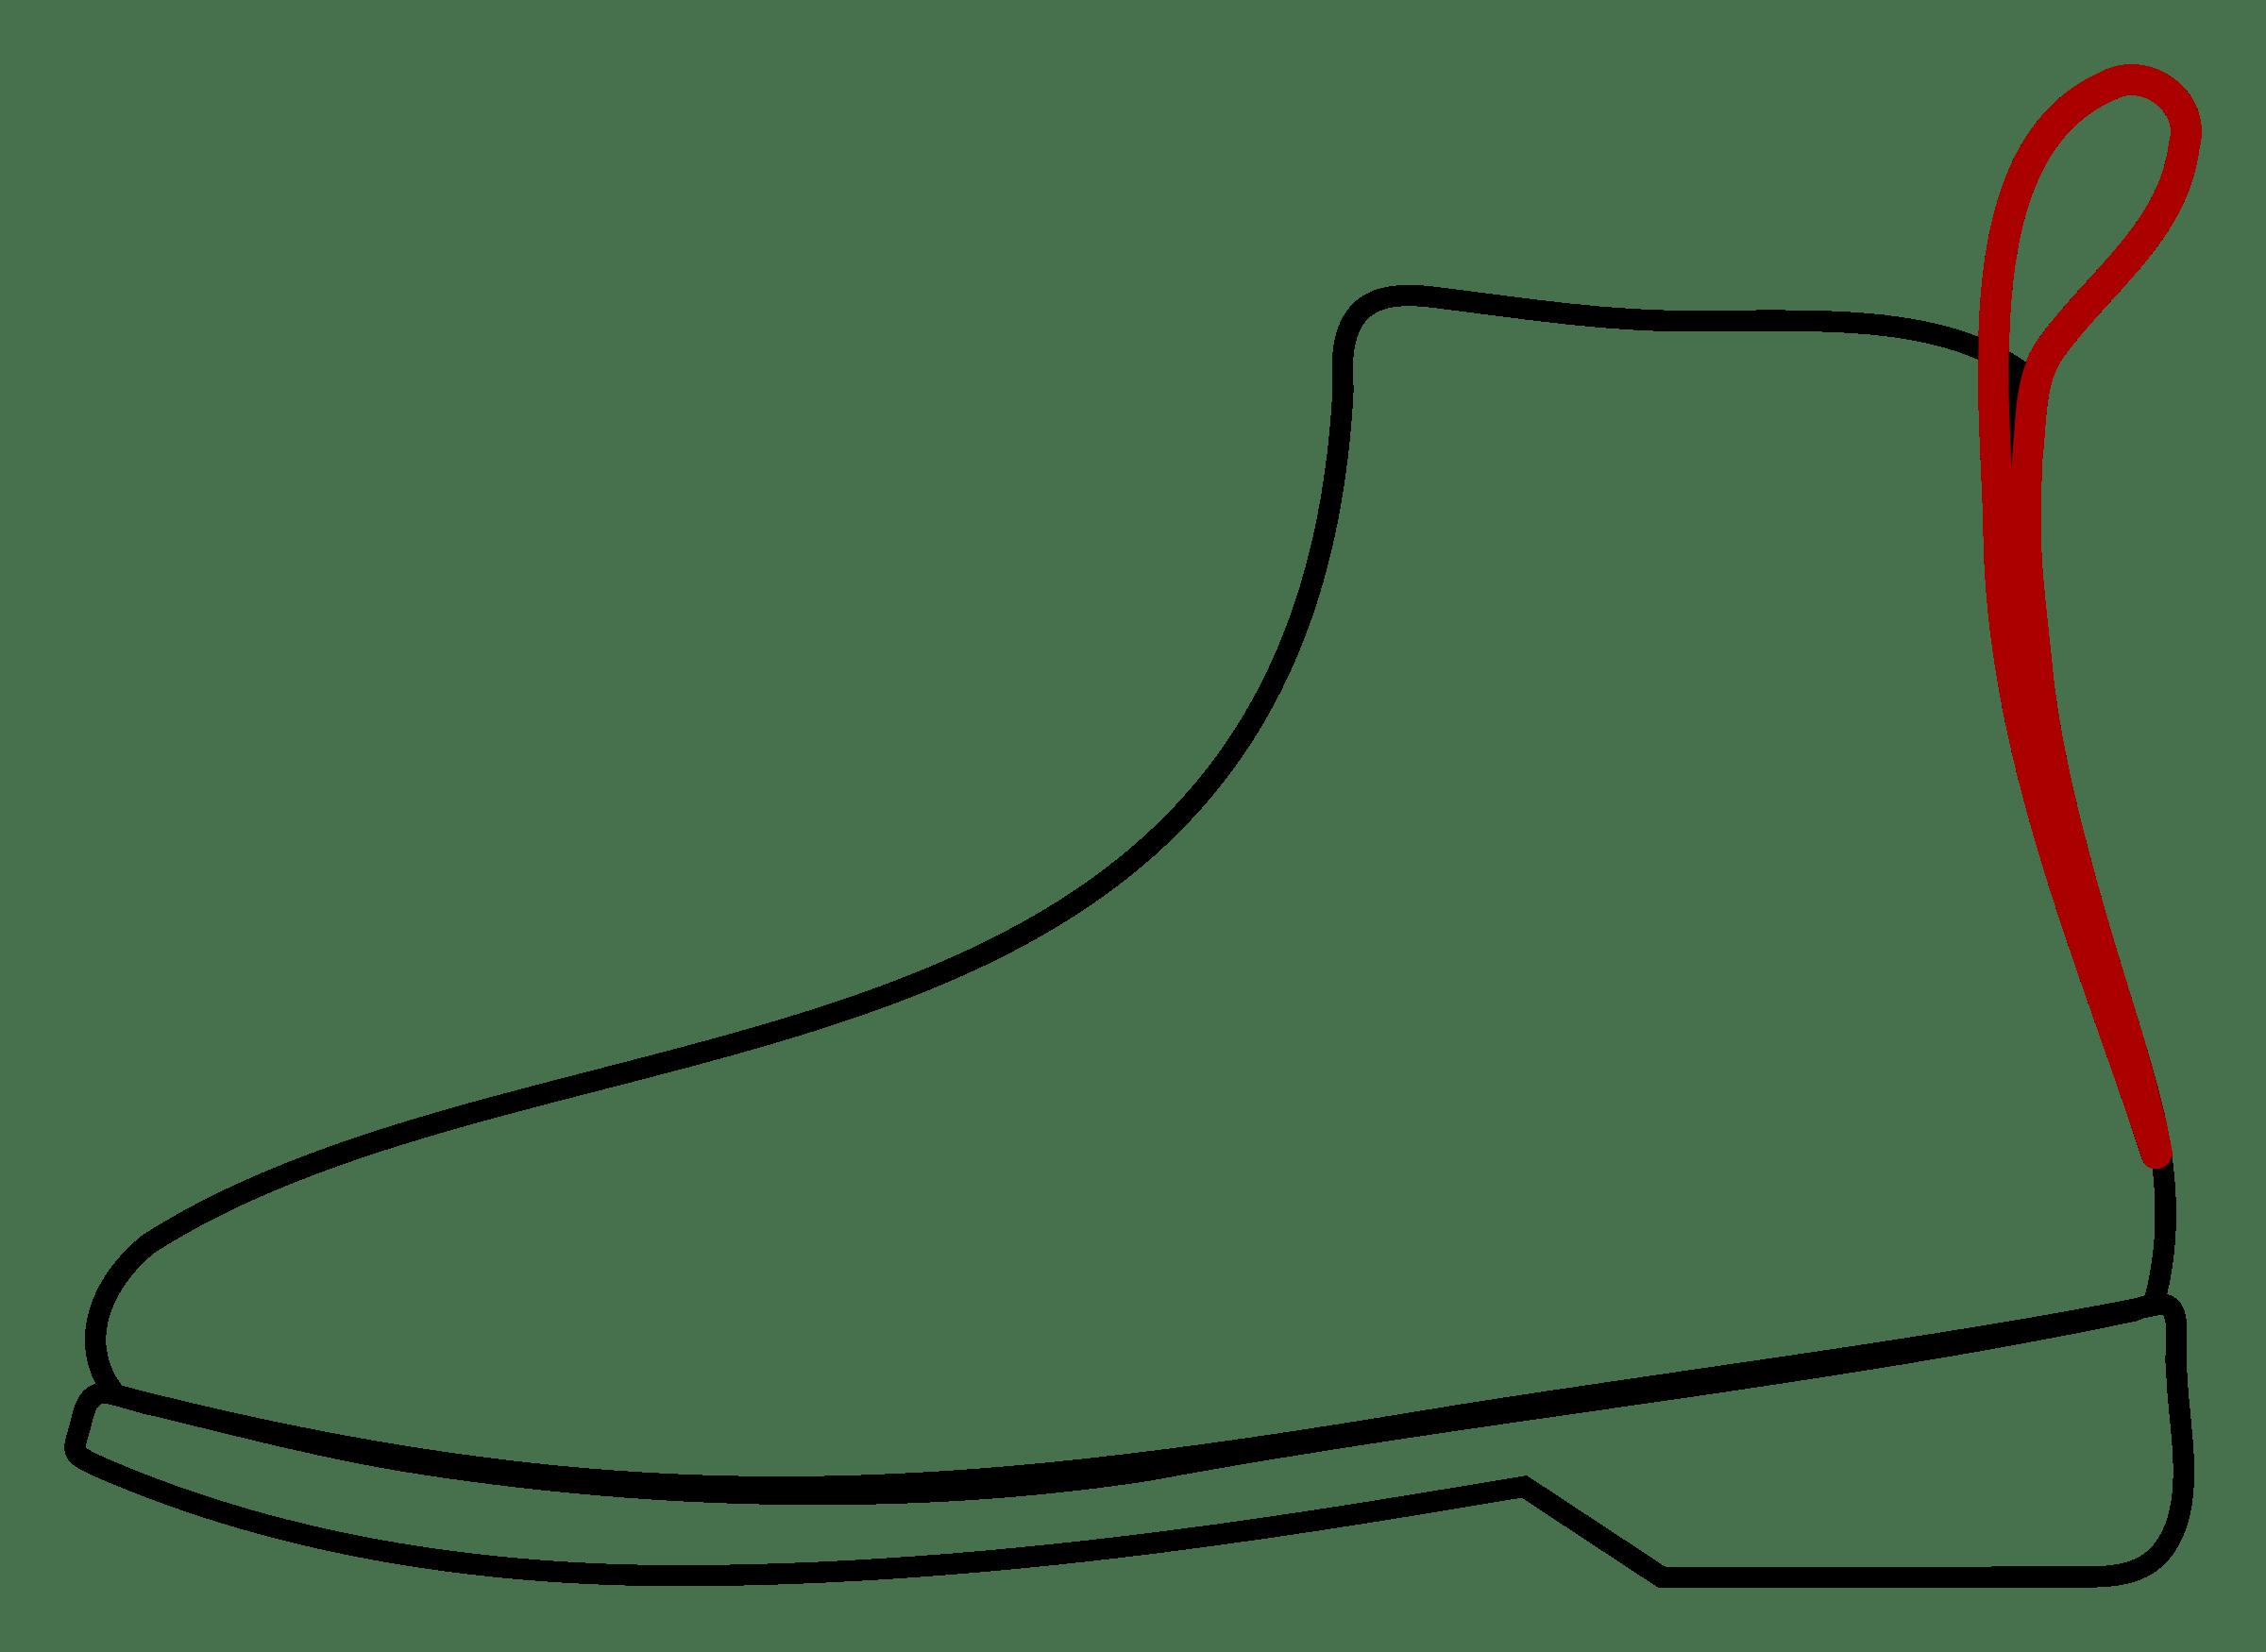 Hike Clipart Sole Shoe Hike Sole Shoe Transparent Free